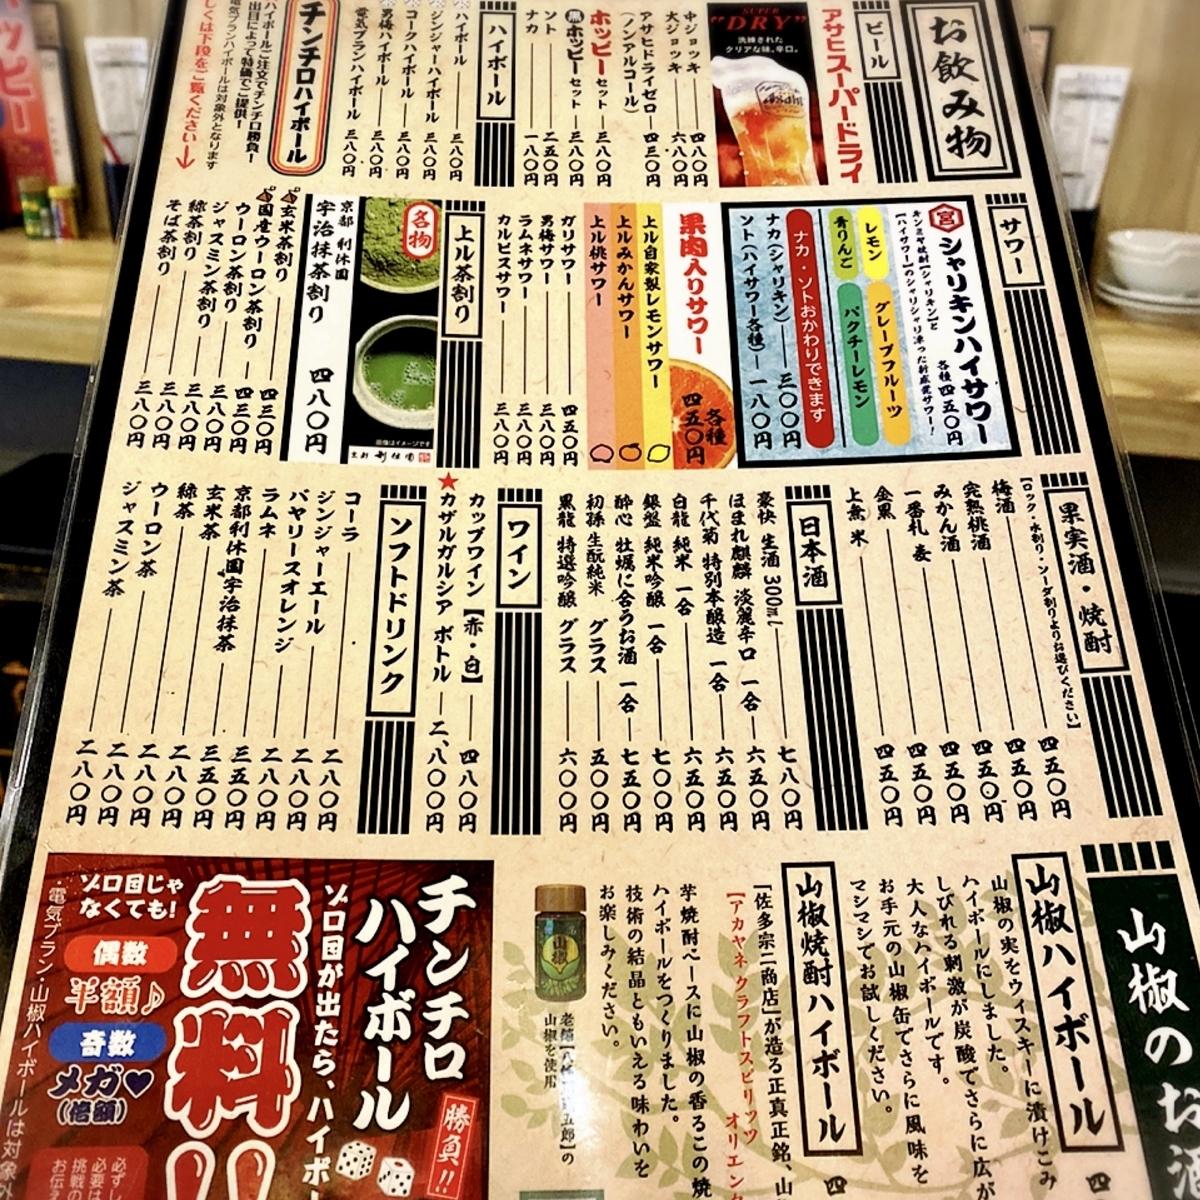 「上ル商店 荻窪店」のドリンクメニューと値段